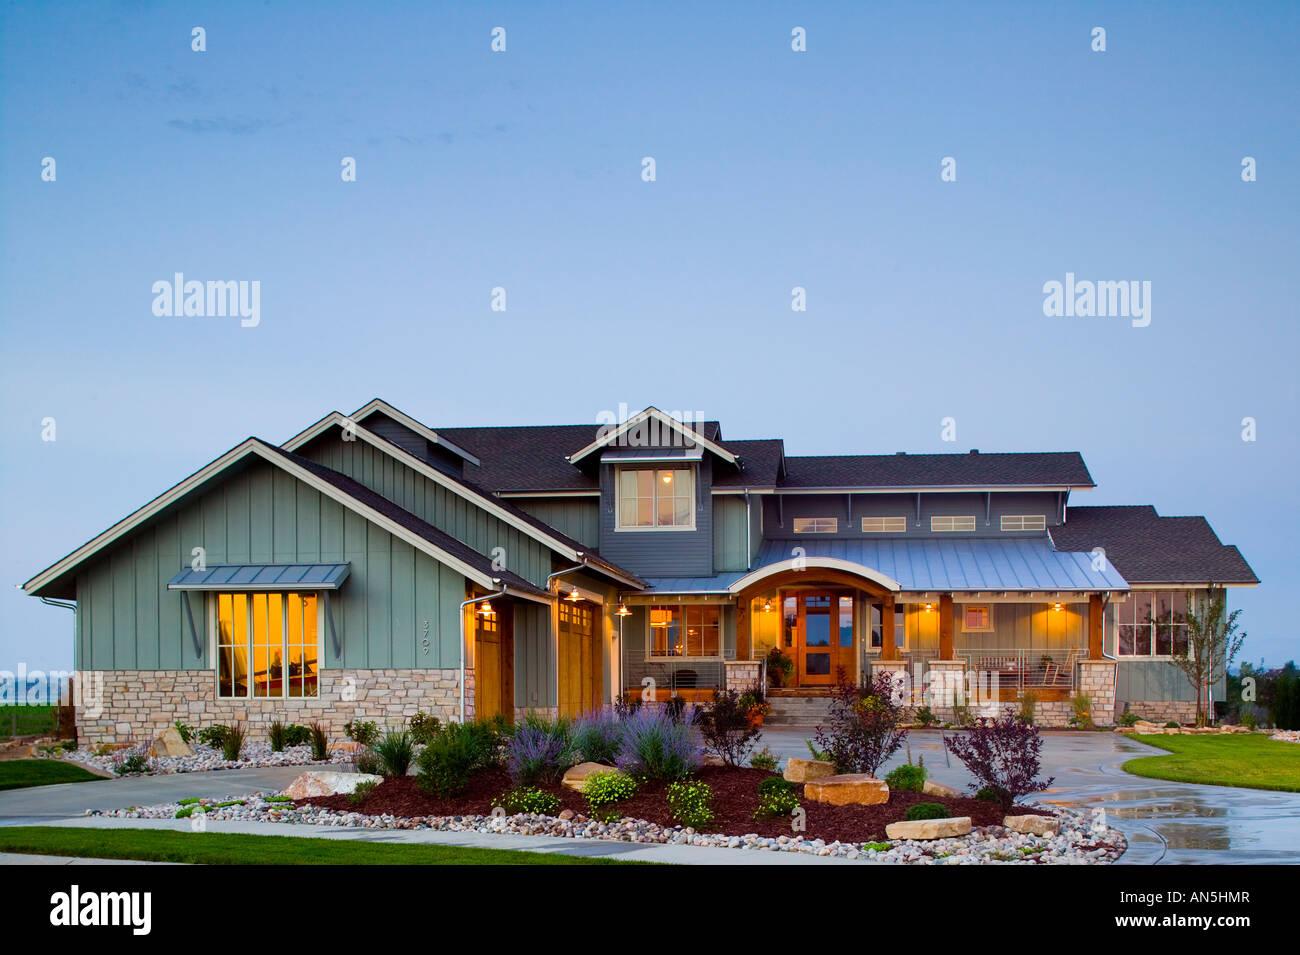 Colorado Luxus moderner Bauernhof Stil nach Hause Exterieur bei ...